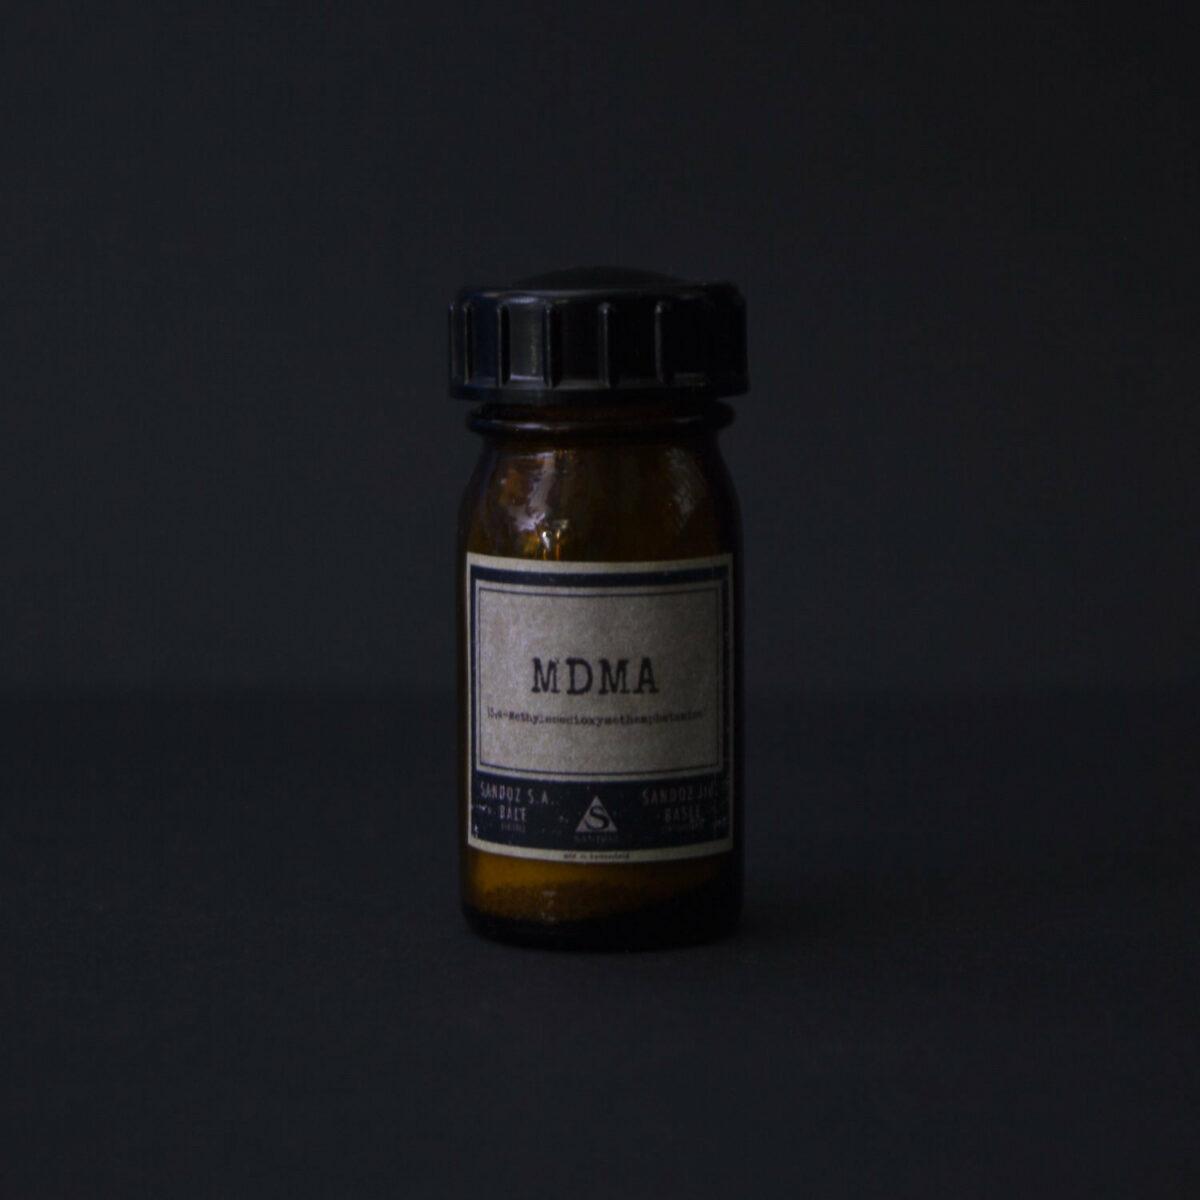 MDMA bottle